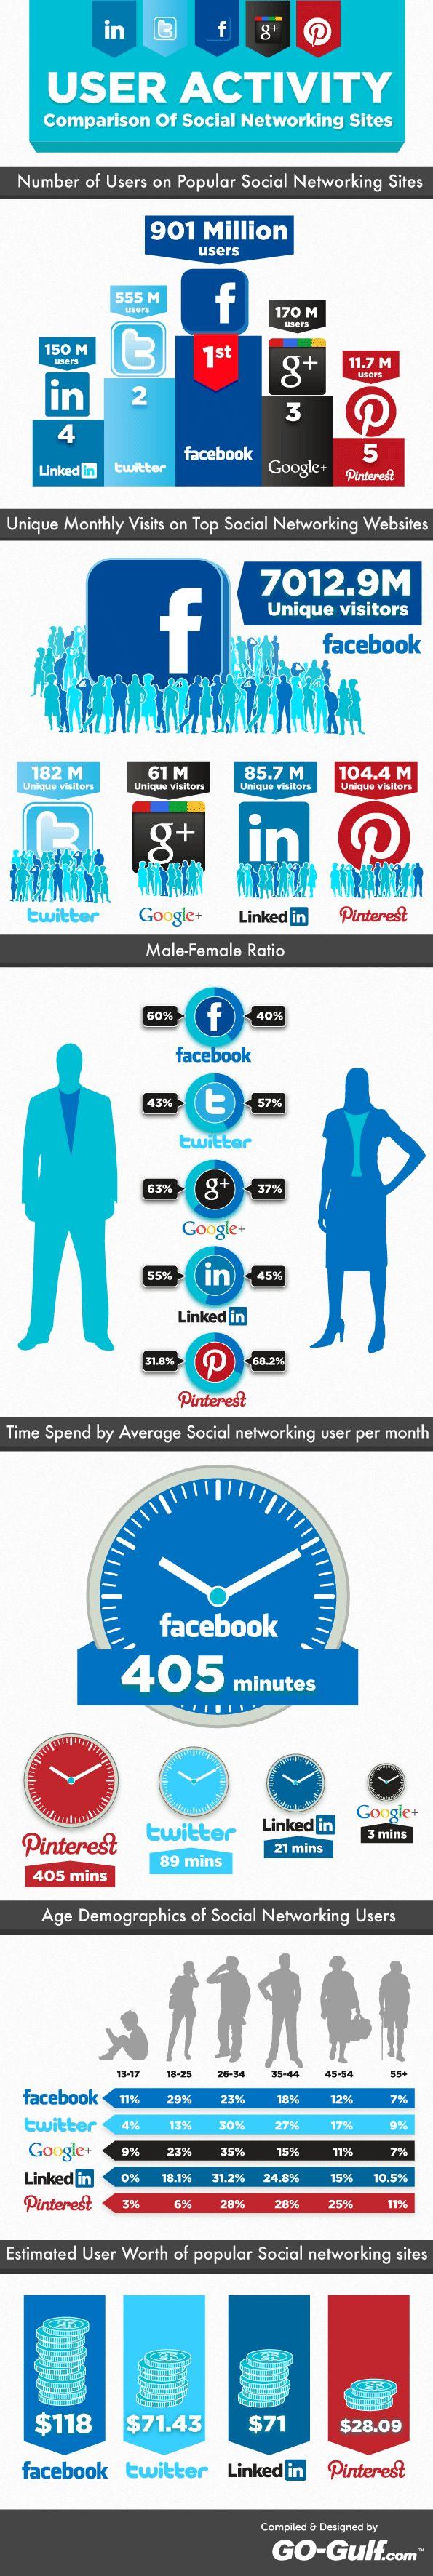 Comparación de la actividad de los usuarios en las redes sociales más populares